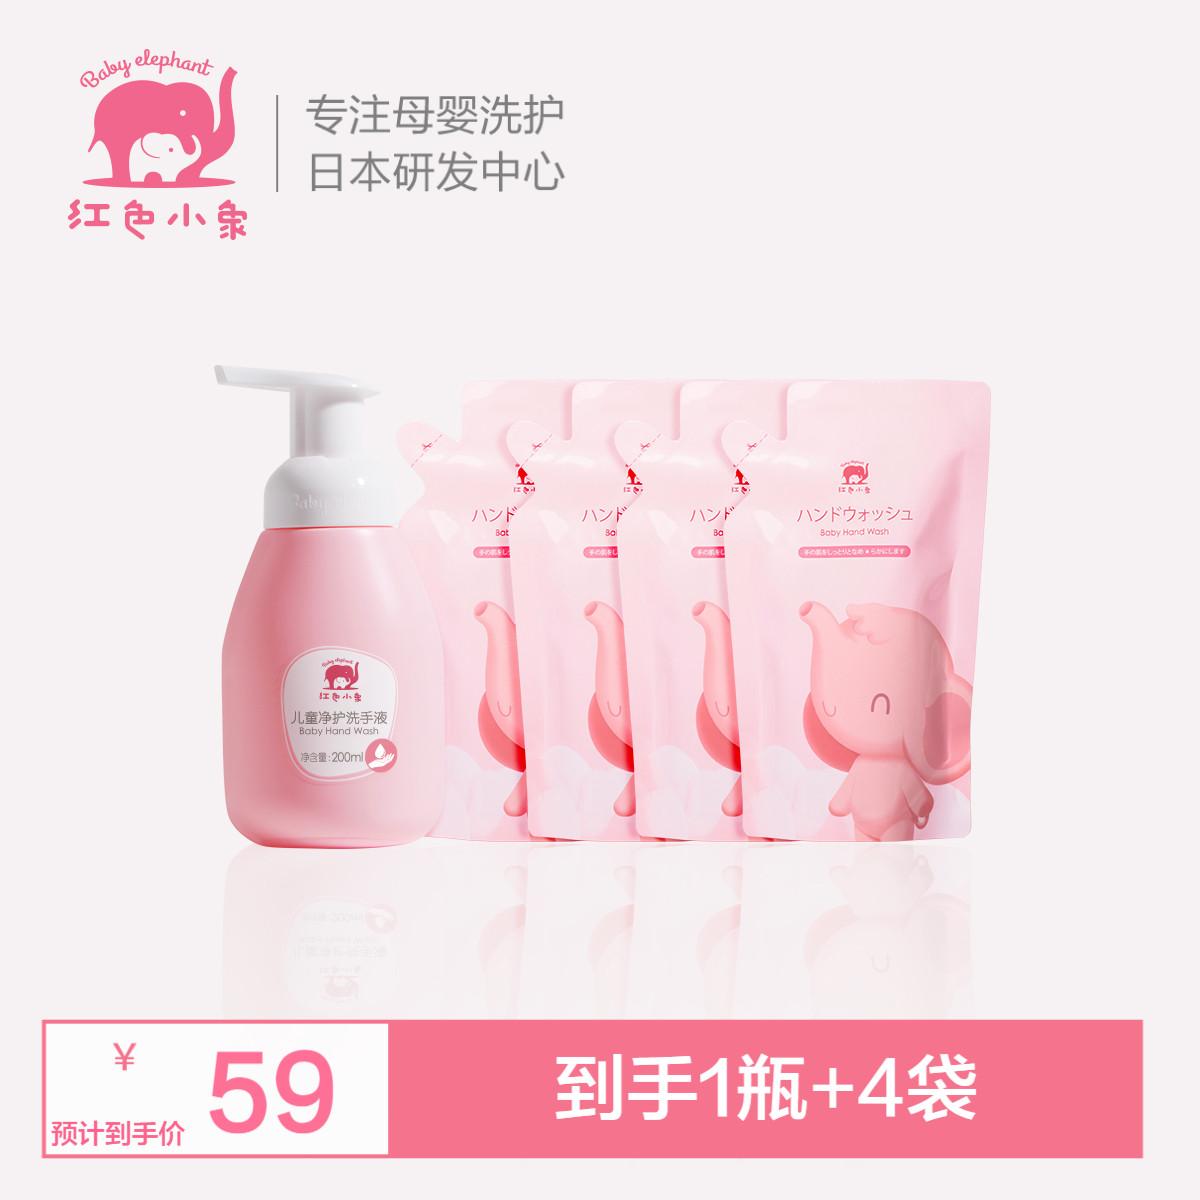 แอลกอฮอลลางมอ เจลล้างมือช้างแดงทารกเจลทำความสะอาดมือทารกพิเศษธรรมชาติแบบพกพาโฟมแท้ดูแลเด็กรวมกันCOD